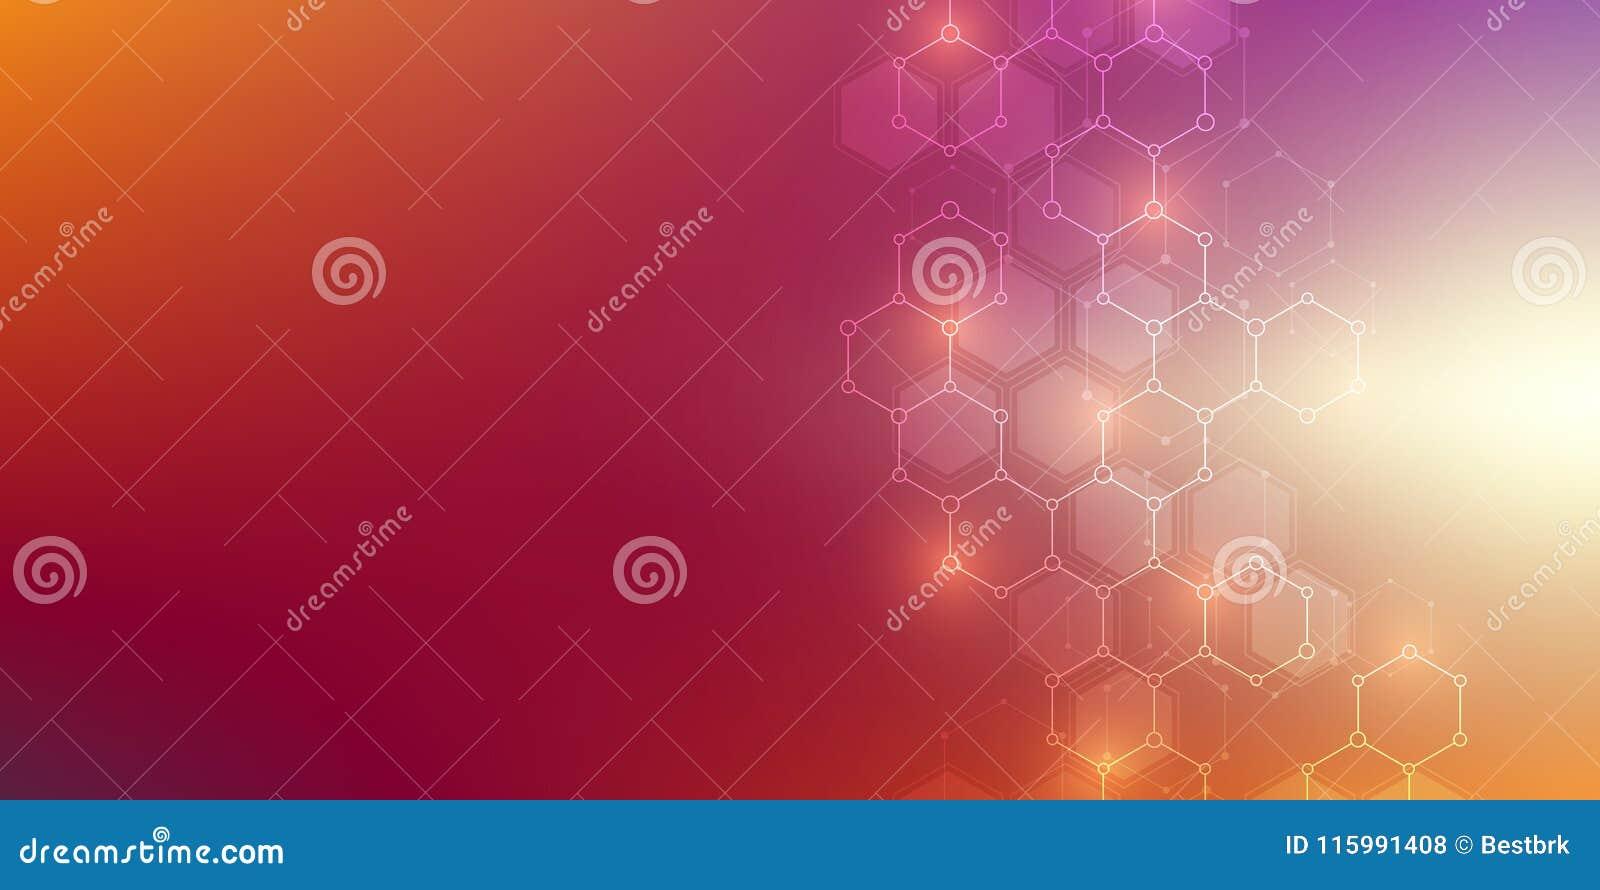 Ιατρικό διανυσματικό σχέδιο υποβάθρου ή επιστήμης Μοριακή δομή και χημικές ενώσεις Γεωμετρικός και polygonal